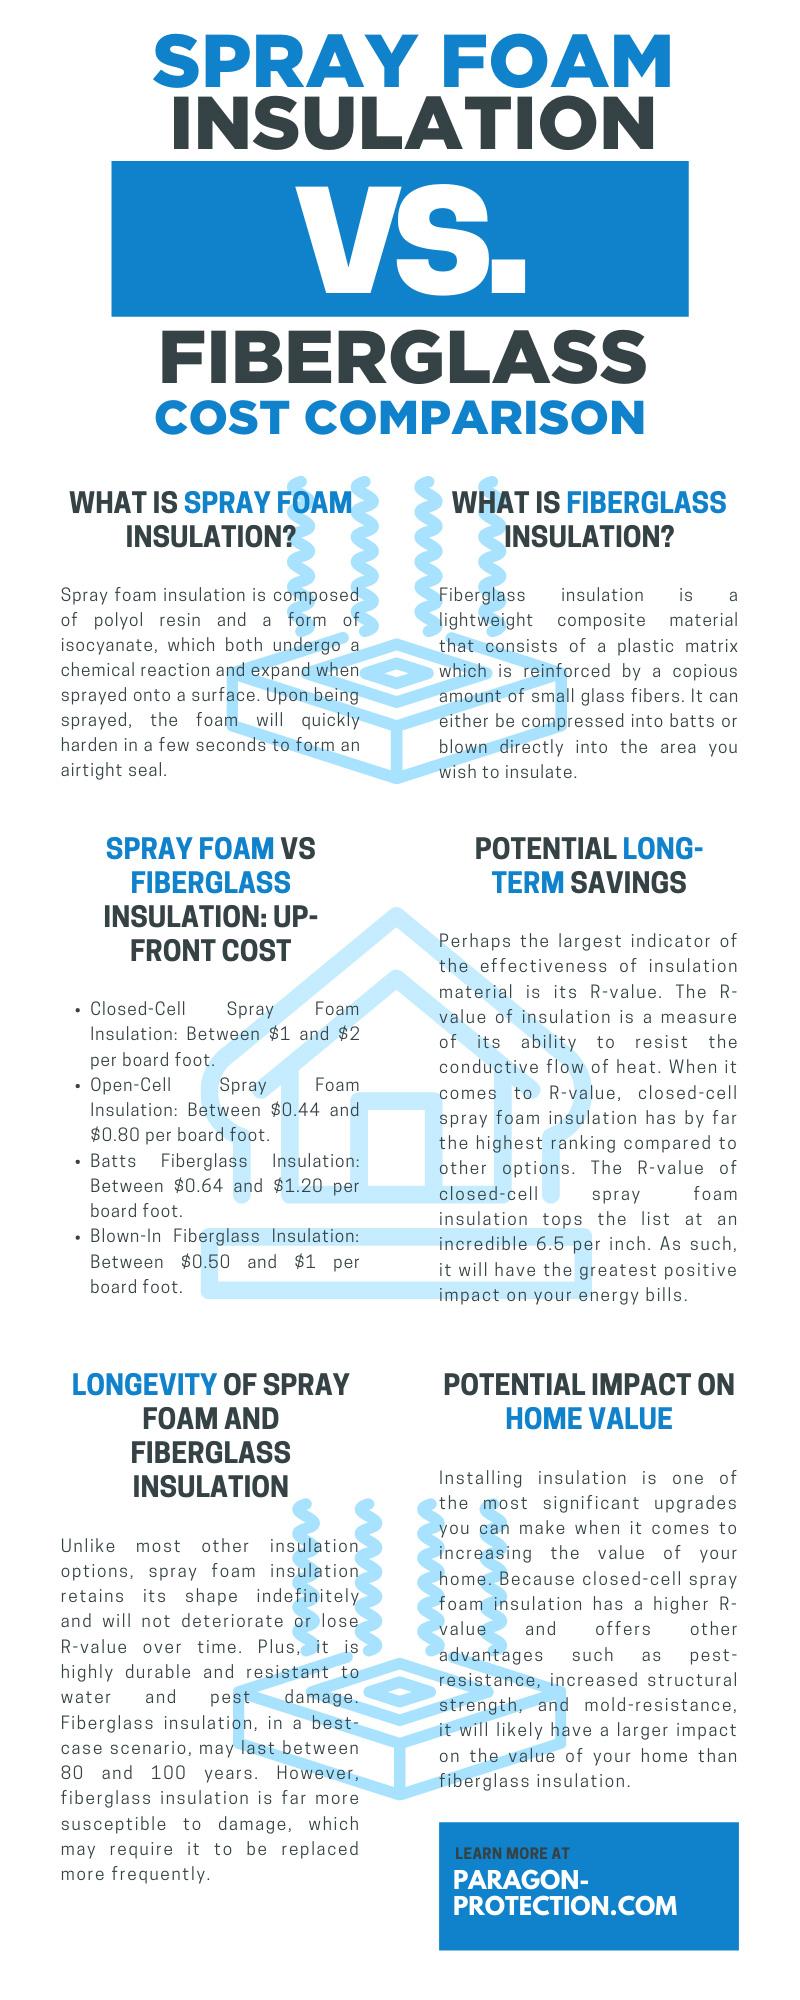 Spray Foam Insulation vs. Fiberglass Cost Comparison